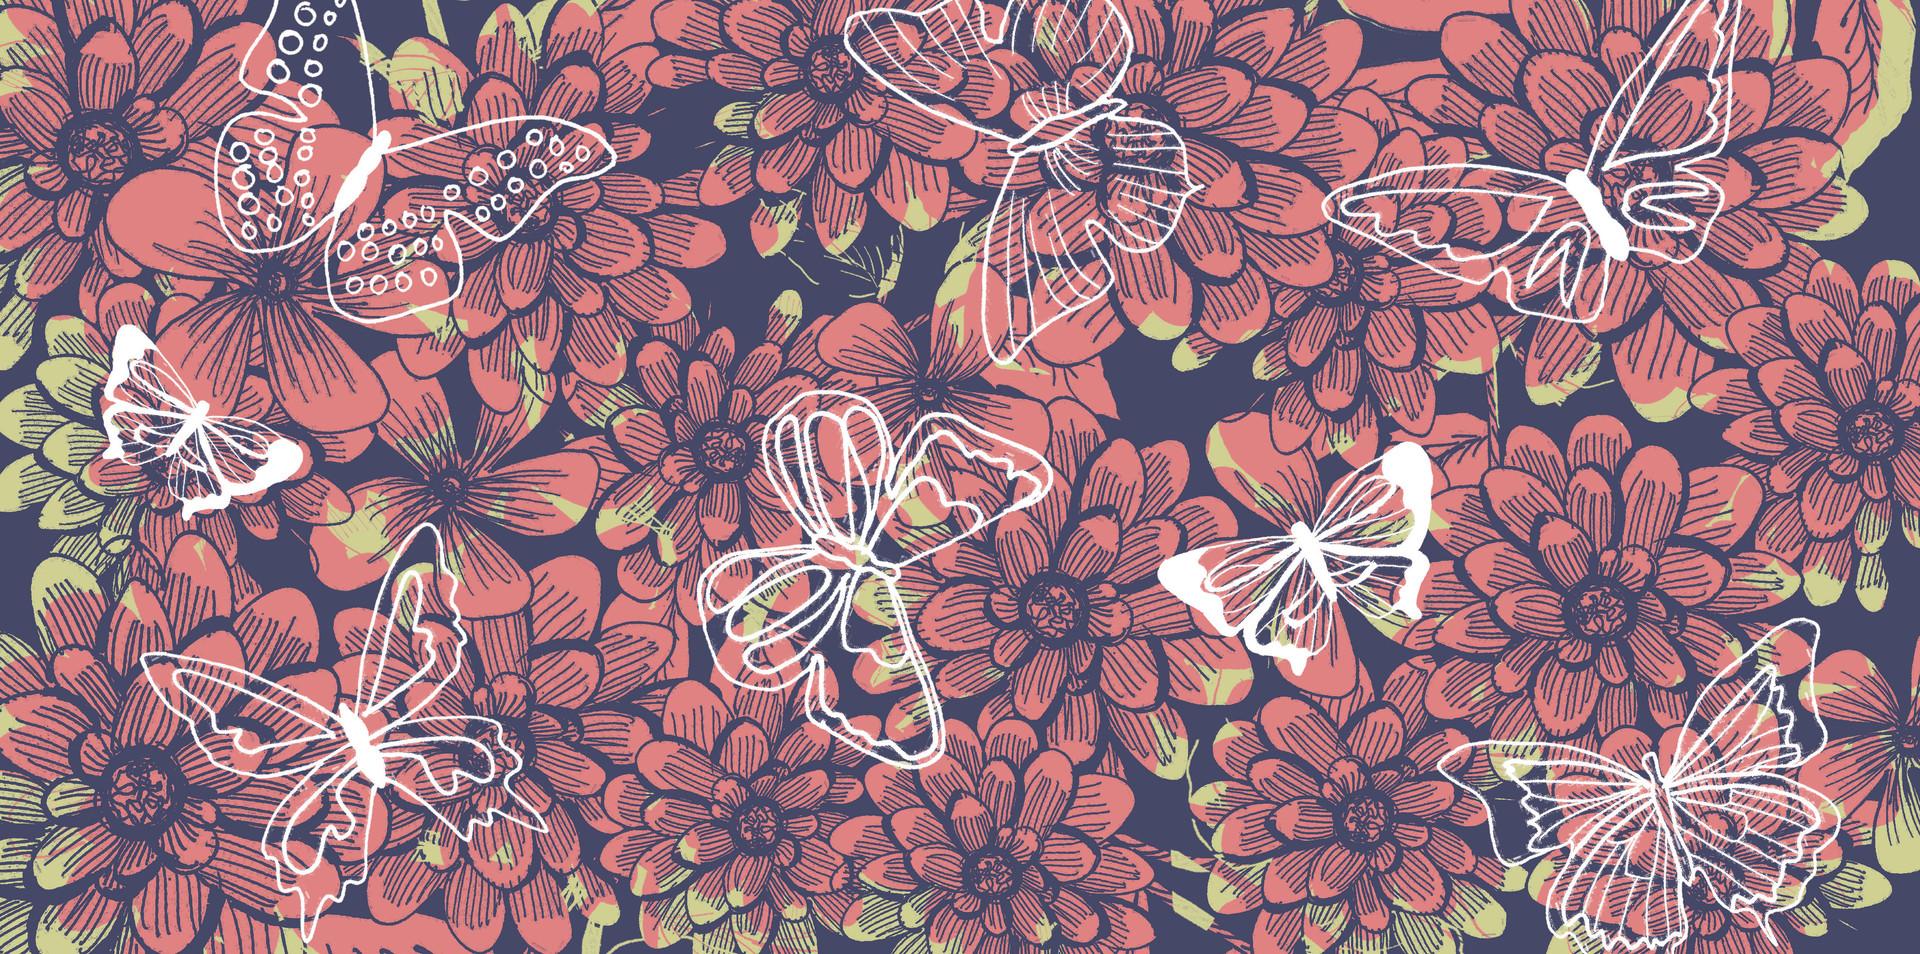 FLOWERS_butterflies1. psd.jpg